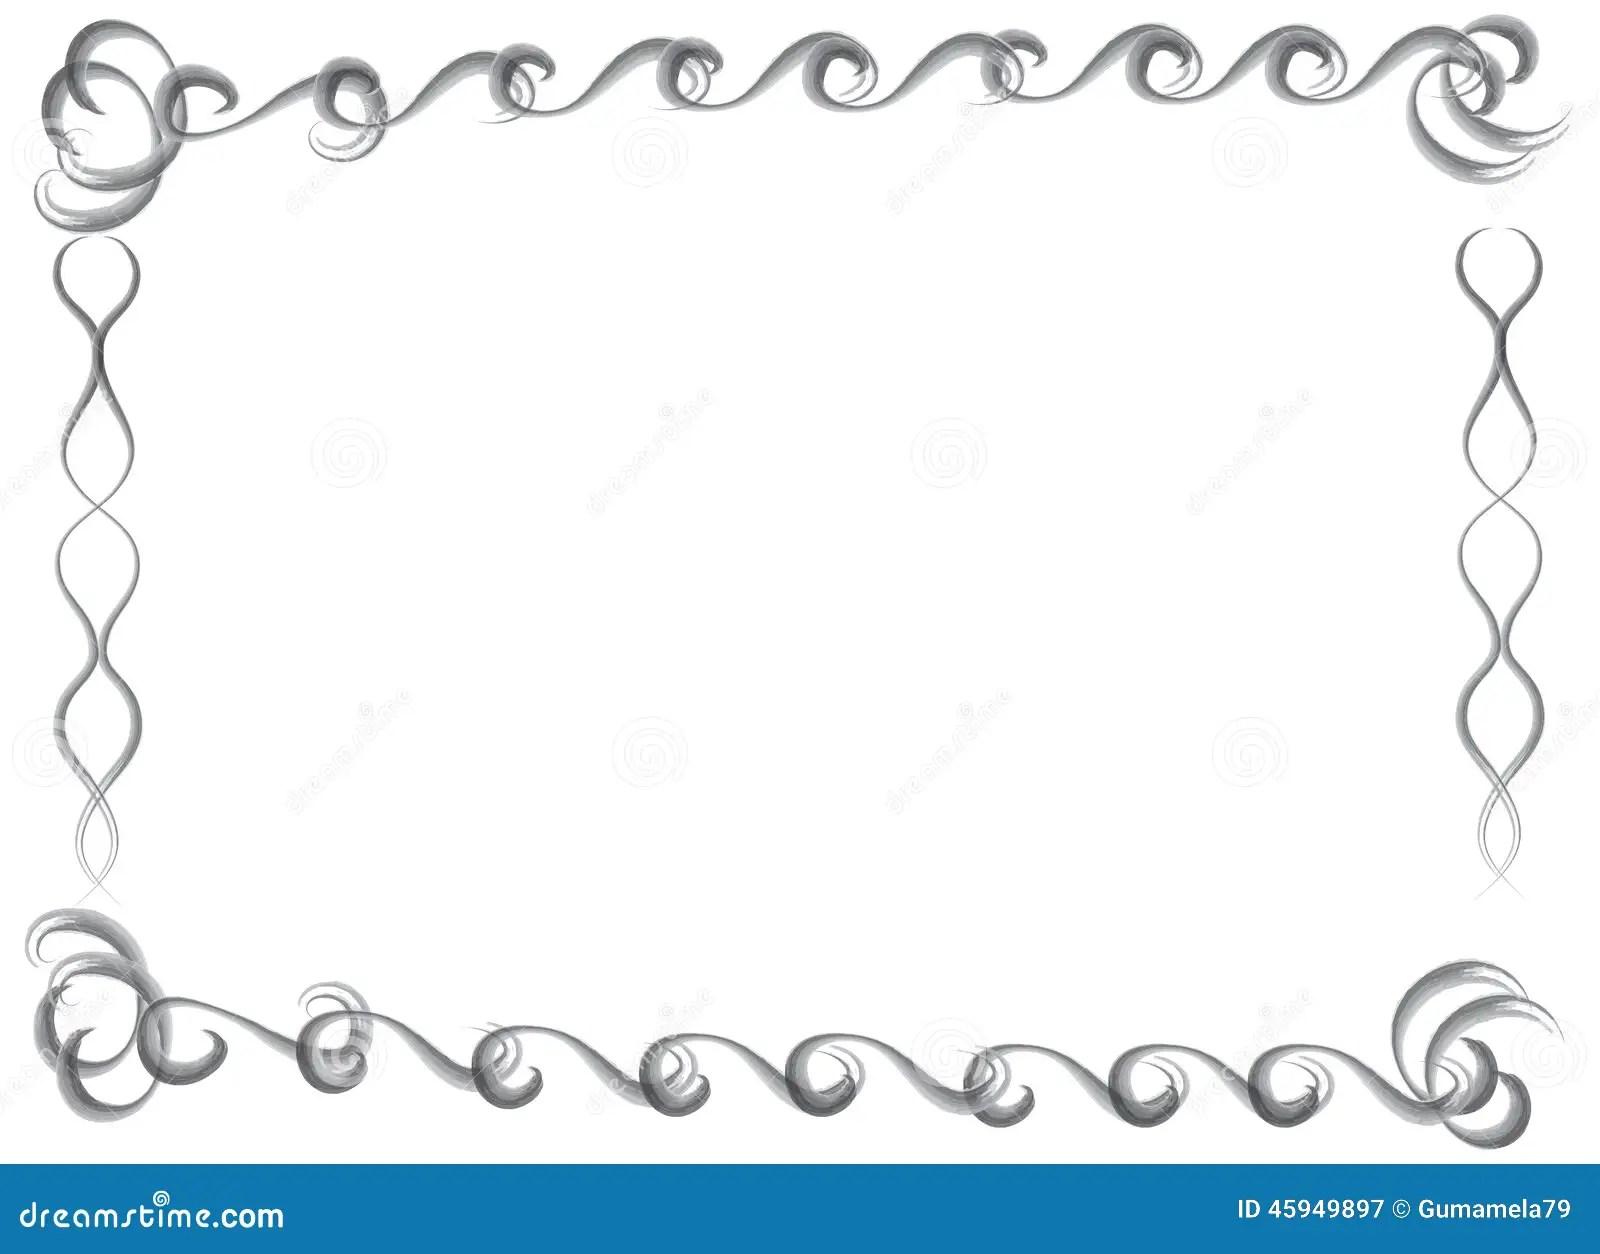 Dekorative Hand Gezeichnete Wasserfarbgrenze Und Rahmen